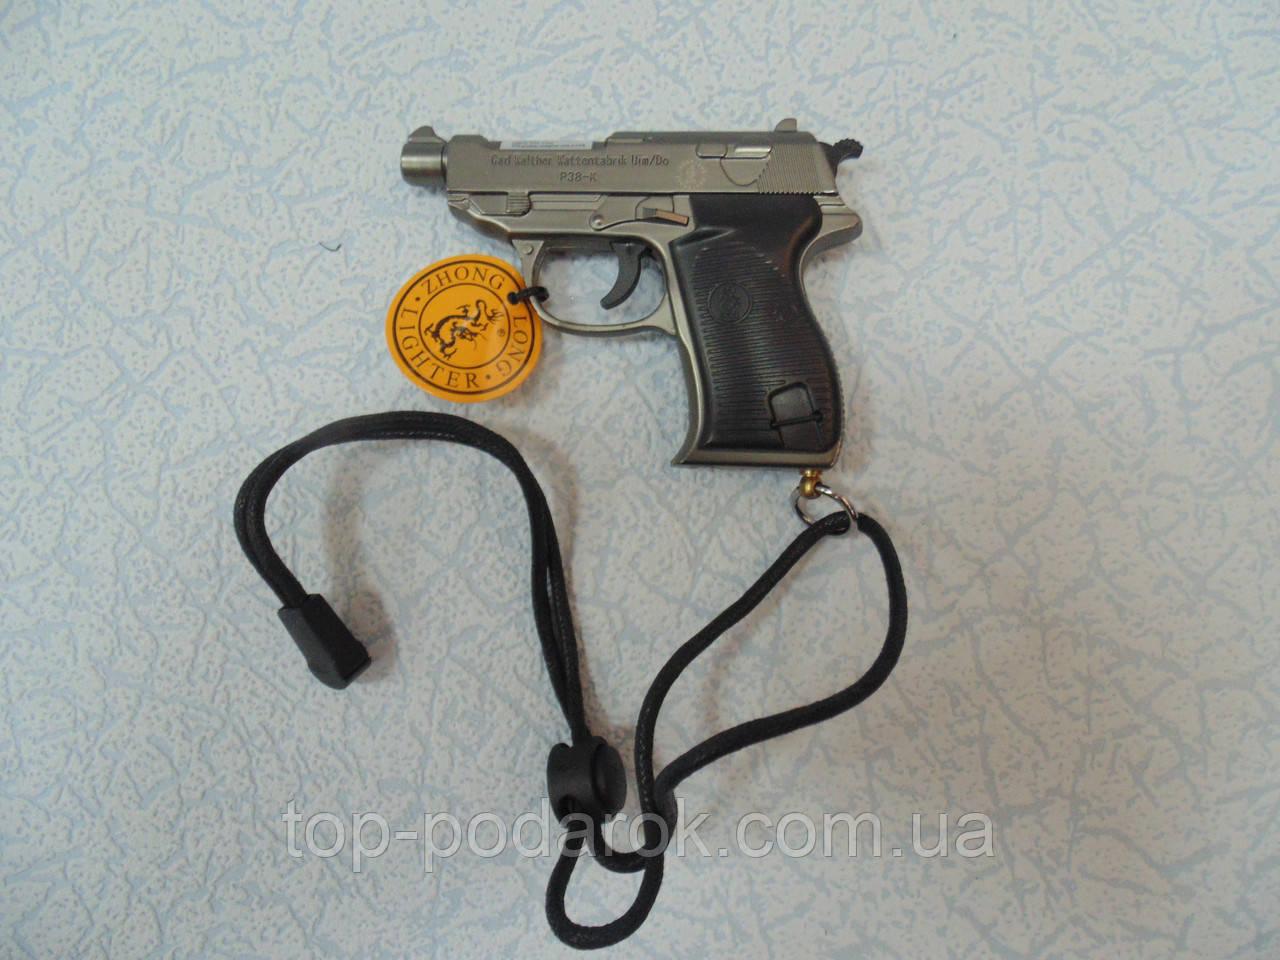 Пистолет зажигалка  размер 10*8